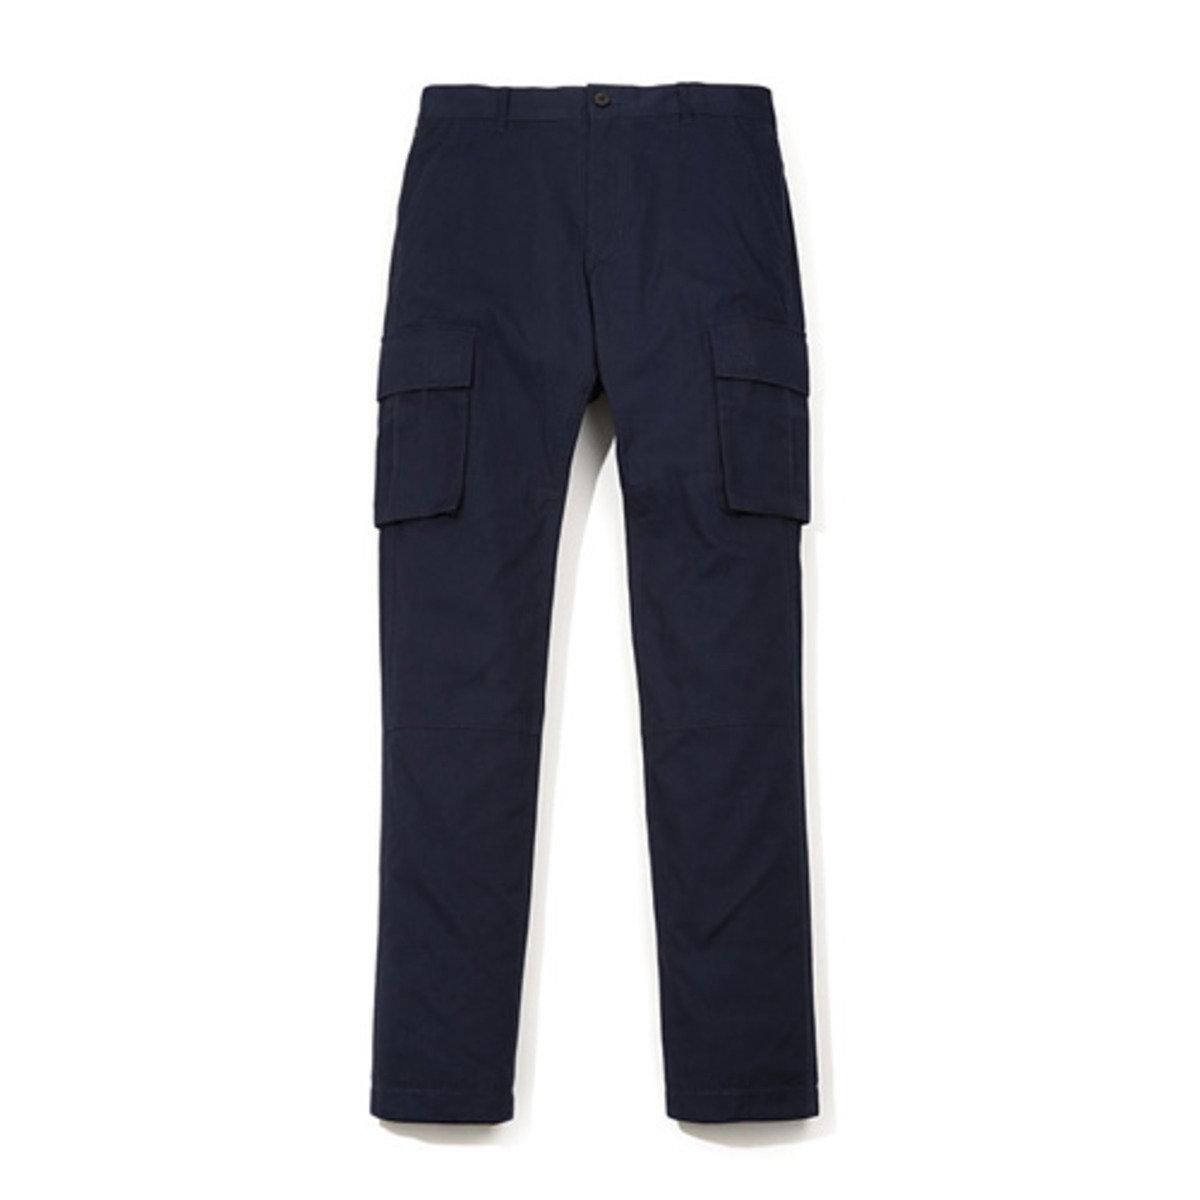 純棉工裝褲_深藍色PA2_150802819